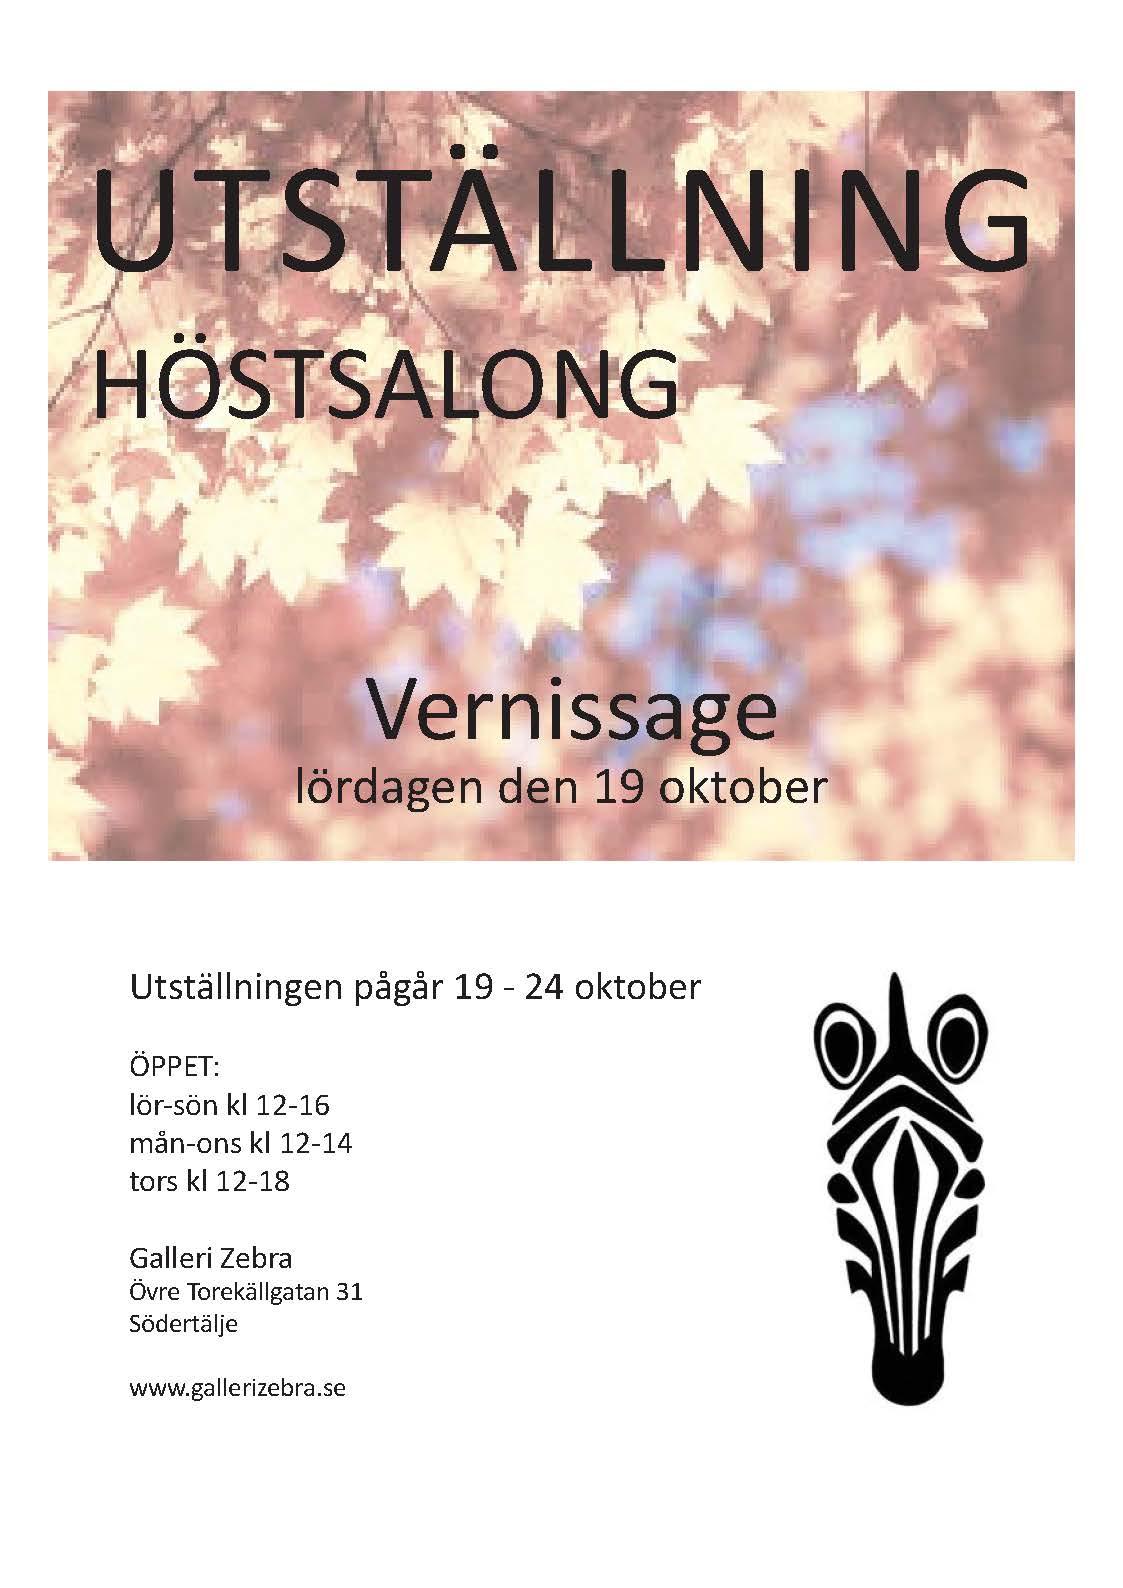 zebra höstsalong 2013 affisch